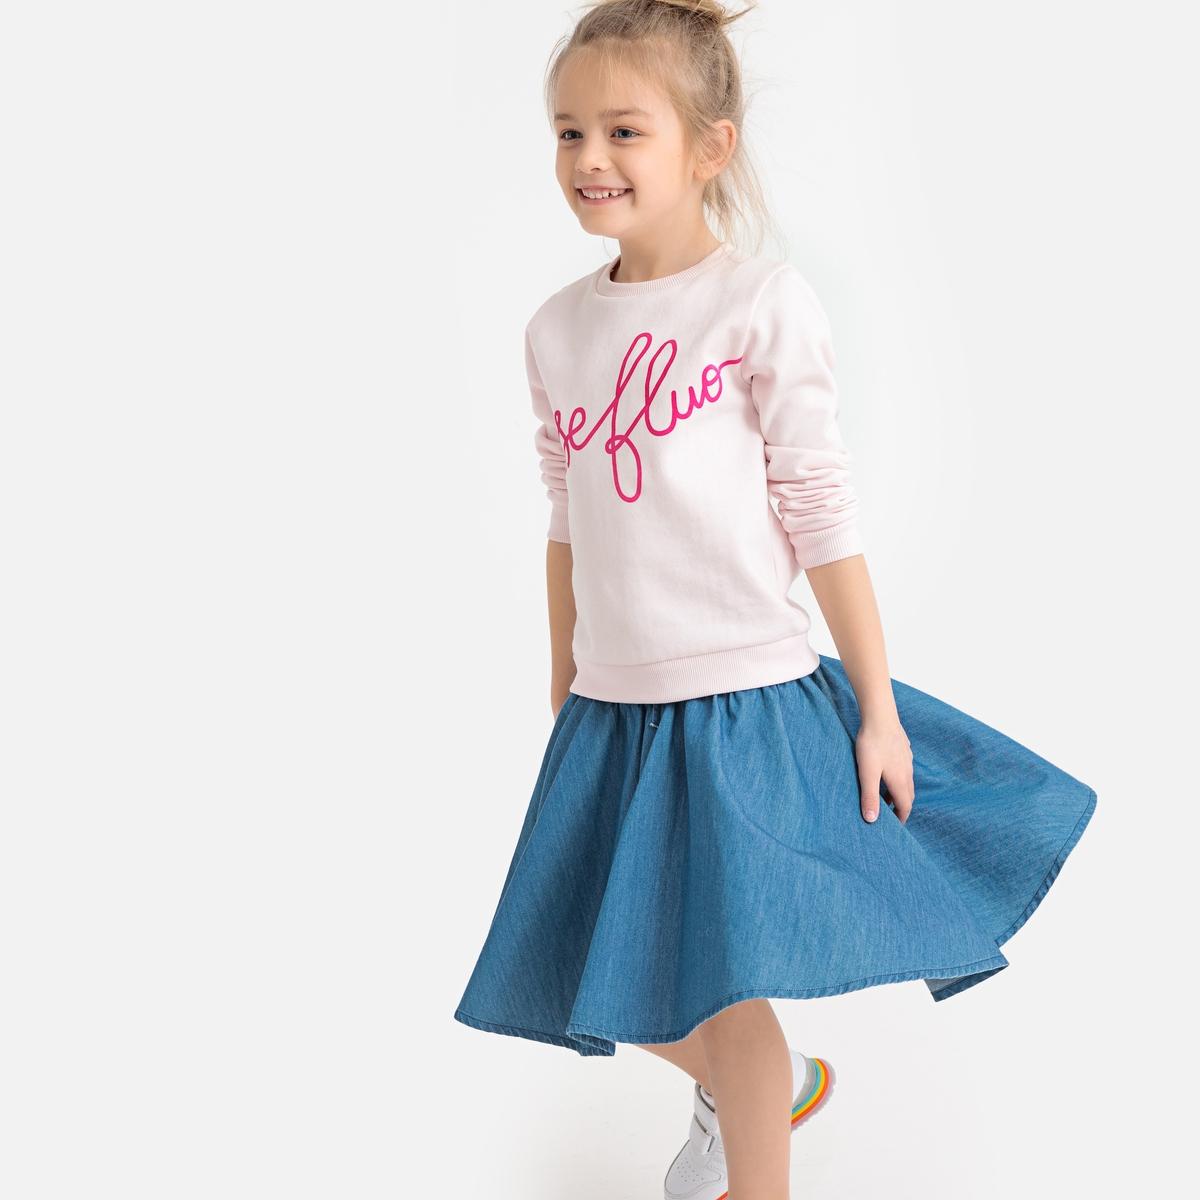 Юбка La Redoute Расклешенная джинсовая 8 лет - 126 см синий юбка la redoute расклешенная с принтом 8 лет 126 см другие